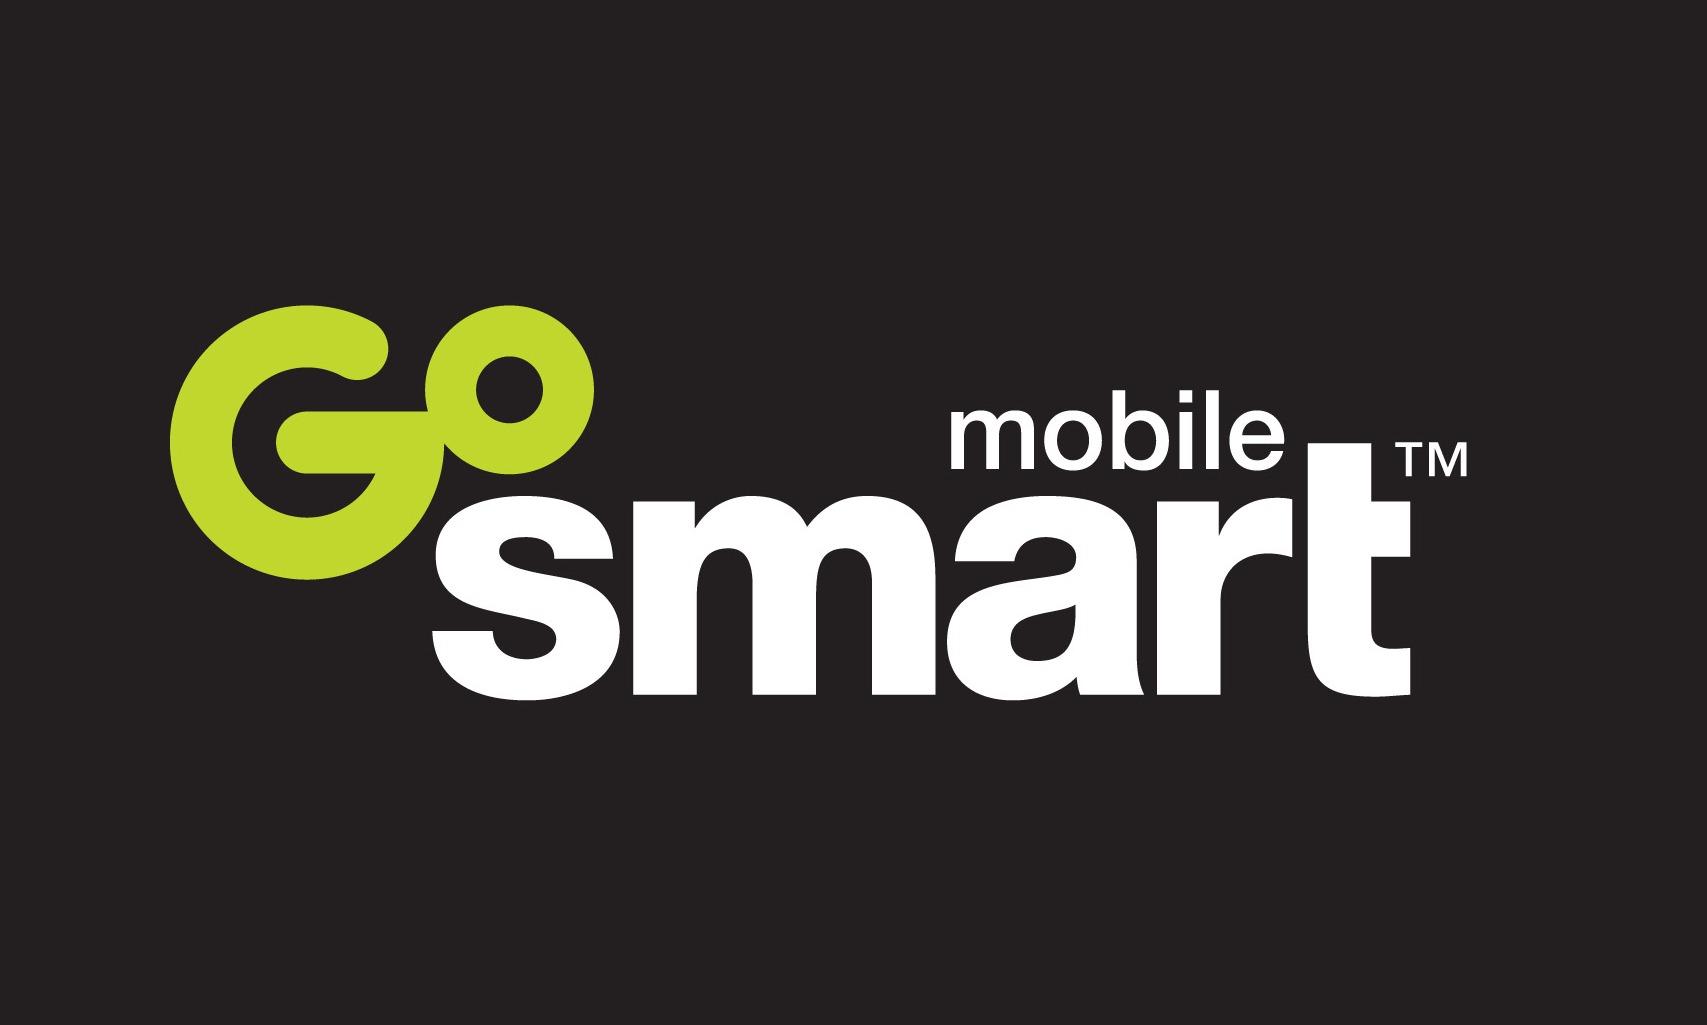 GoSmart Mobile*